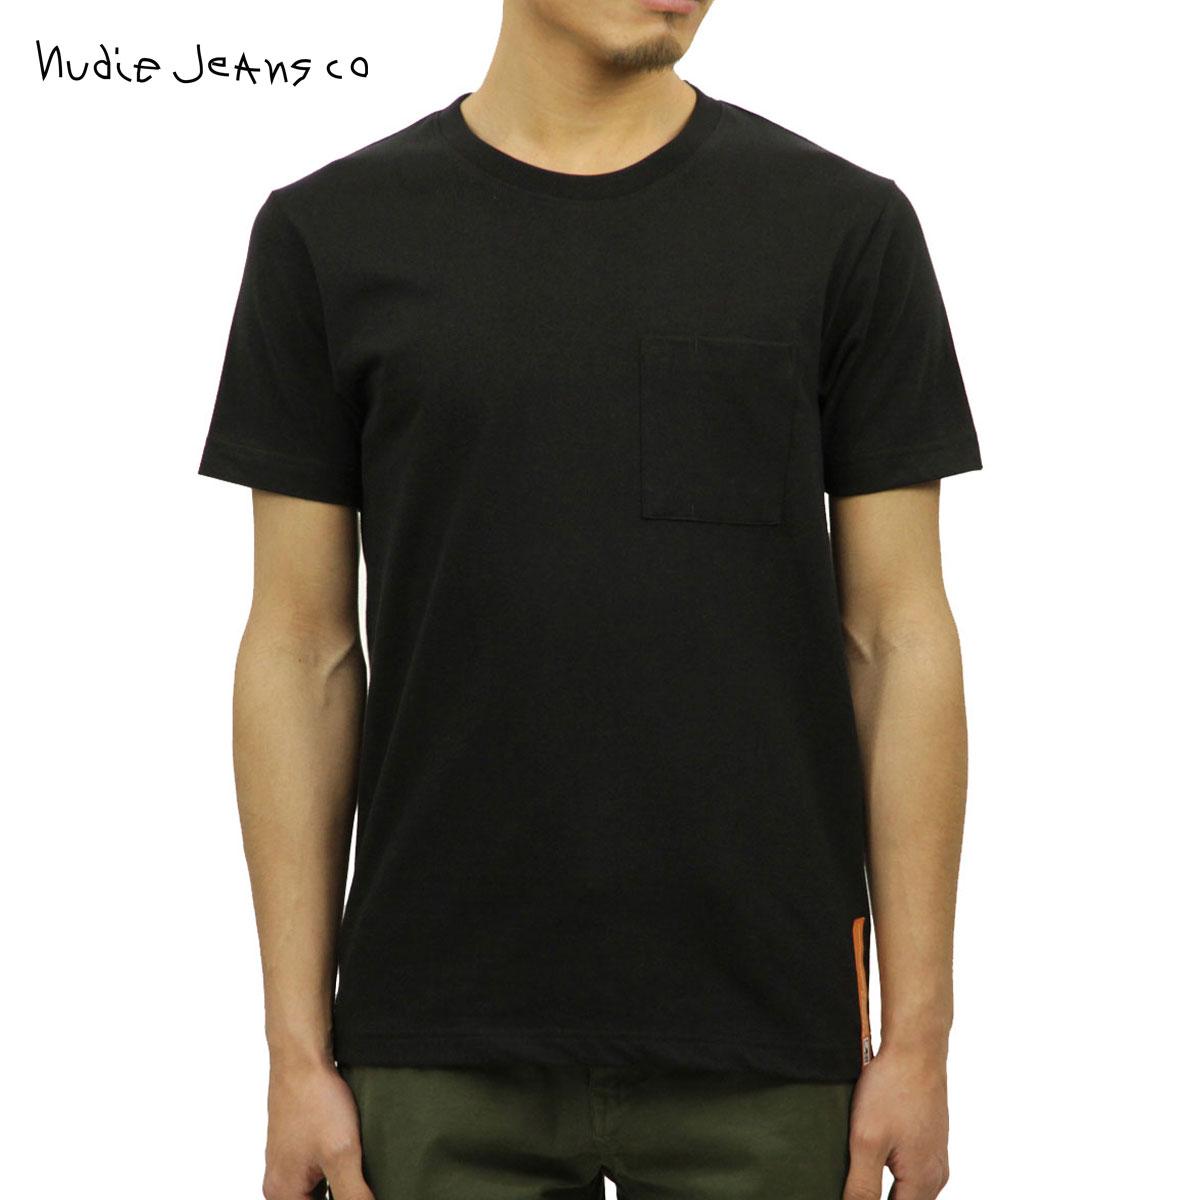 【ポイント10倍 12/19 20:00~12/26 09:59まで】 ヌーディージーンズ Nudie Jeans 正規販売店 メンズ クルーネック 半袖ポケットTシャツ KURT WORKER TEE BLACK B01 131532